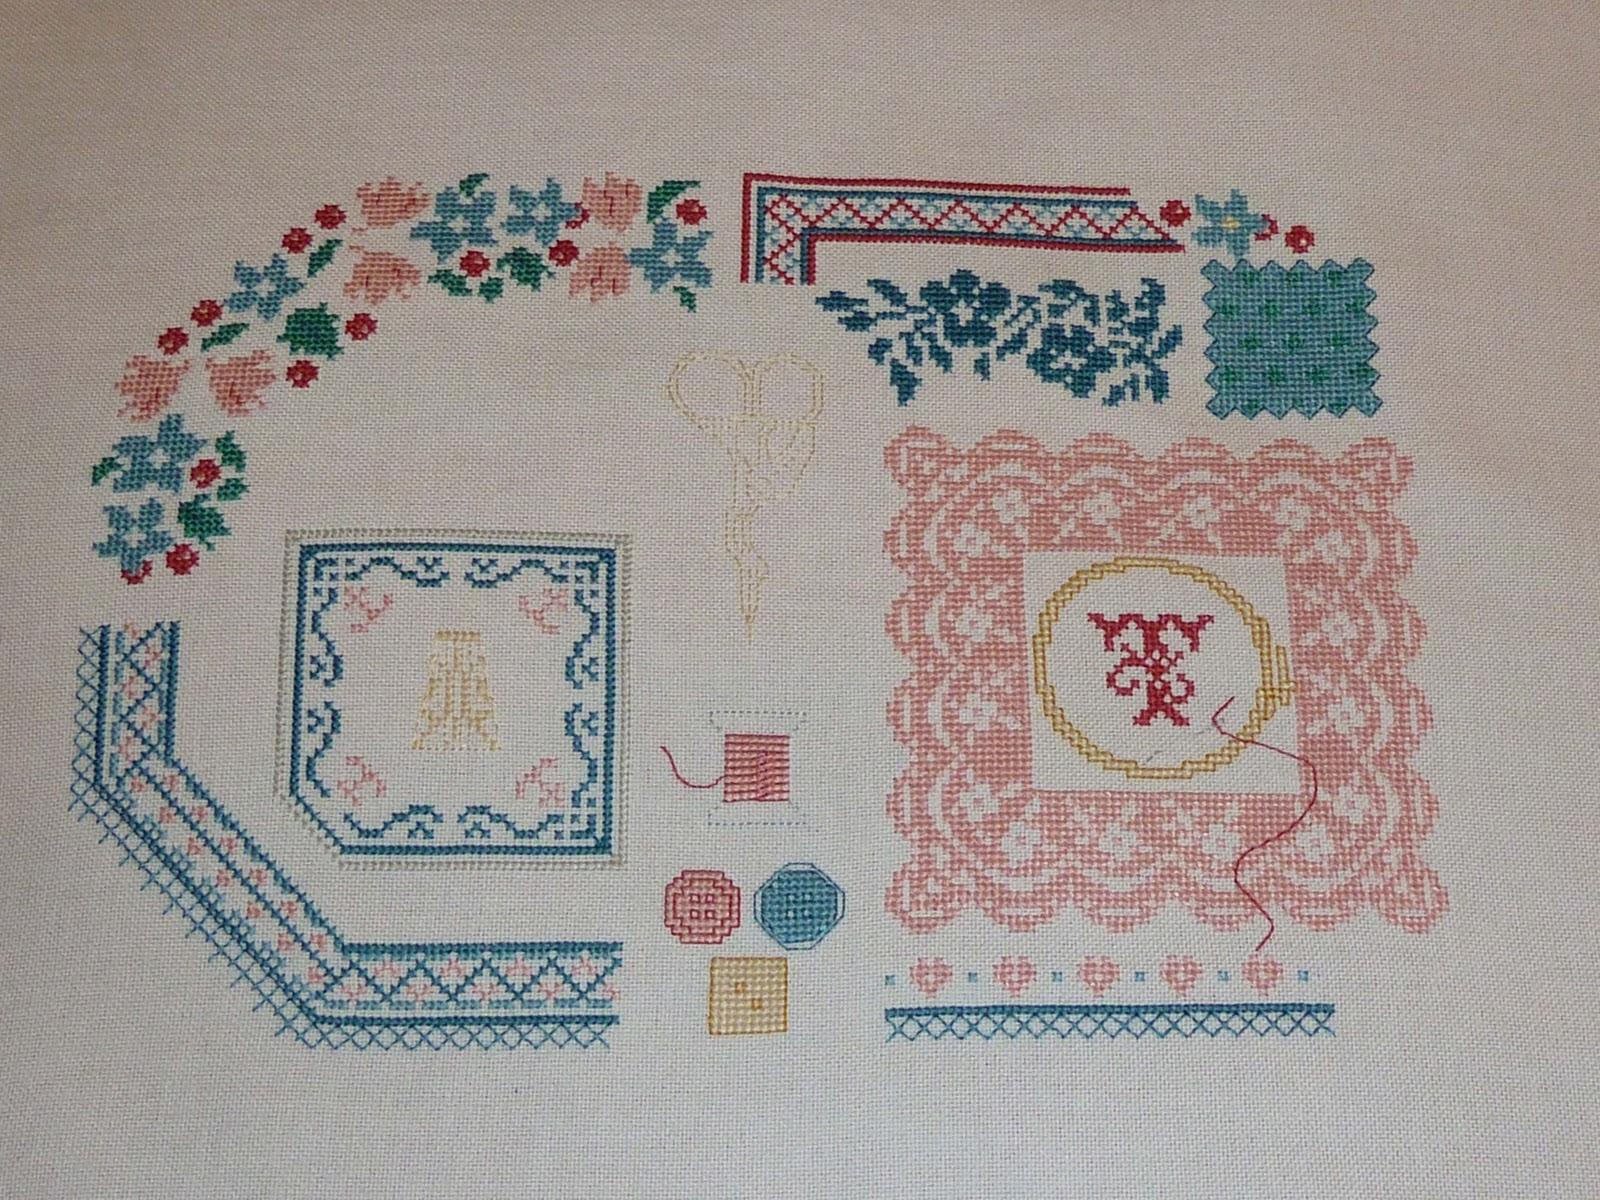 Большая статья о вышивке редворк (Redwork). Блог «М.П. Студии» 9